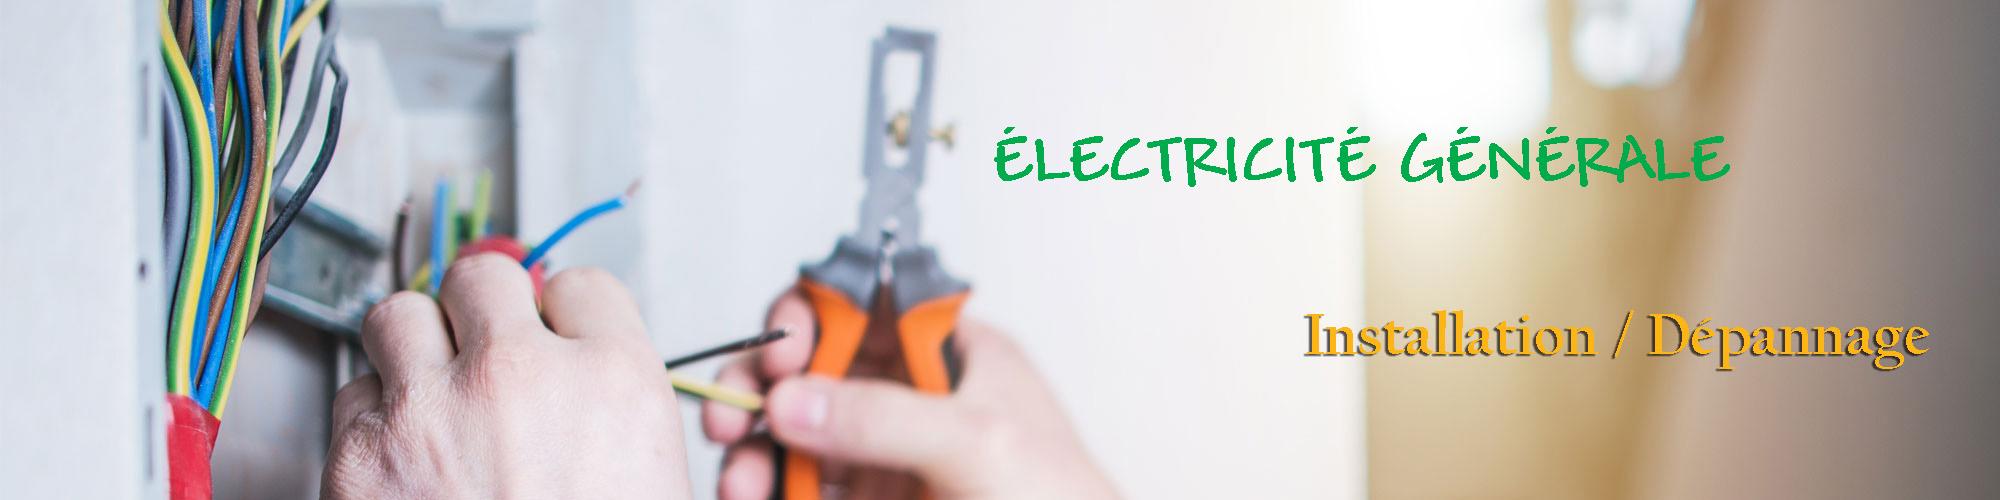 Dep'Elec Sainte colombe sur seine, spécialisée en Electricité générale installation dépannage région Châtillon-sur-Seine, propose une prestation électricité générale